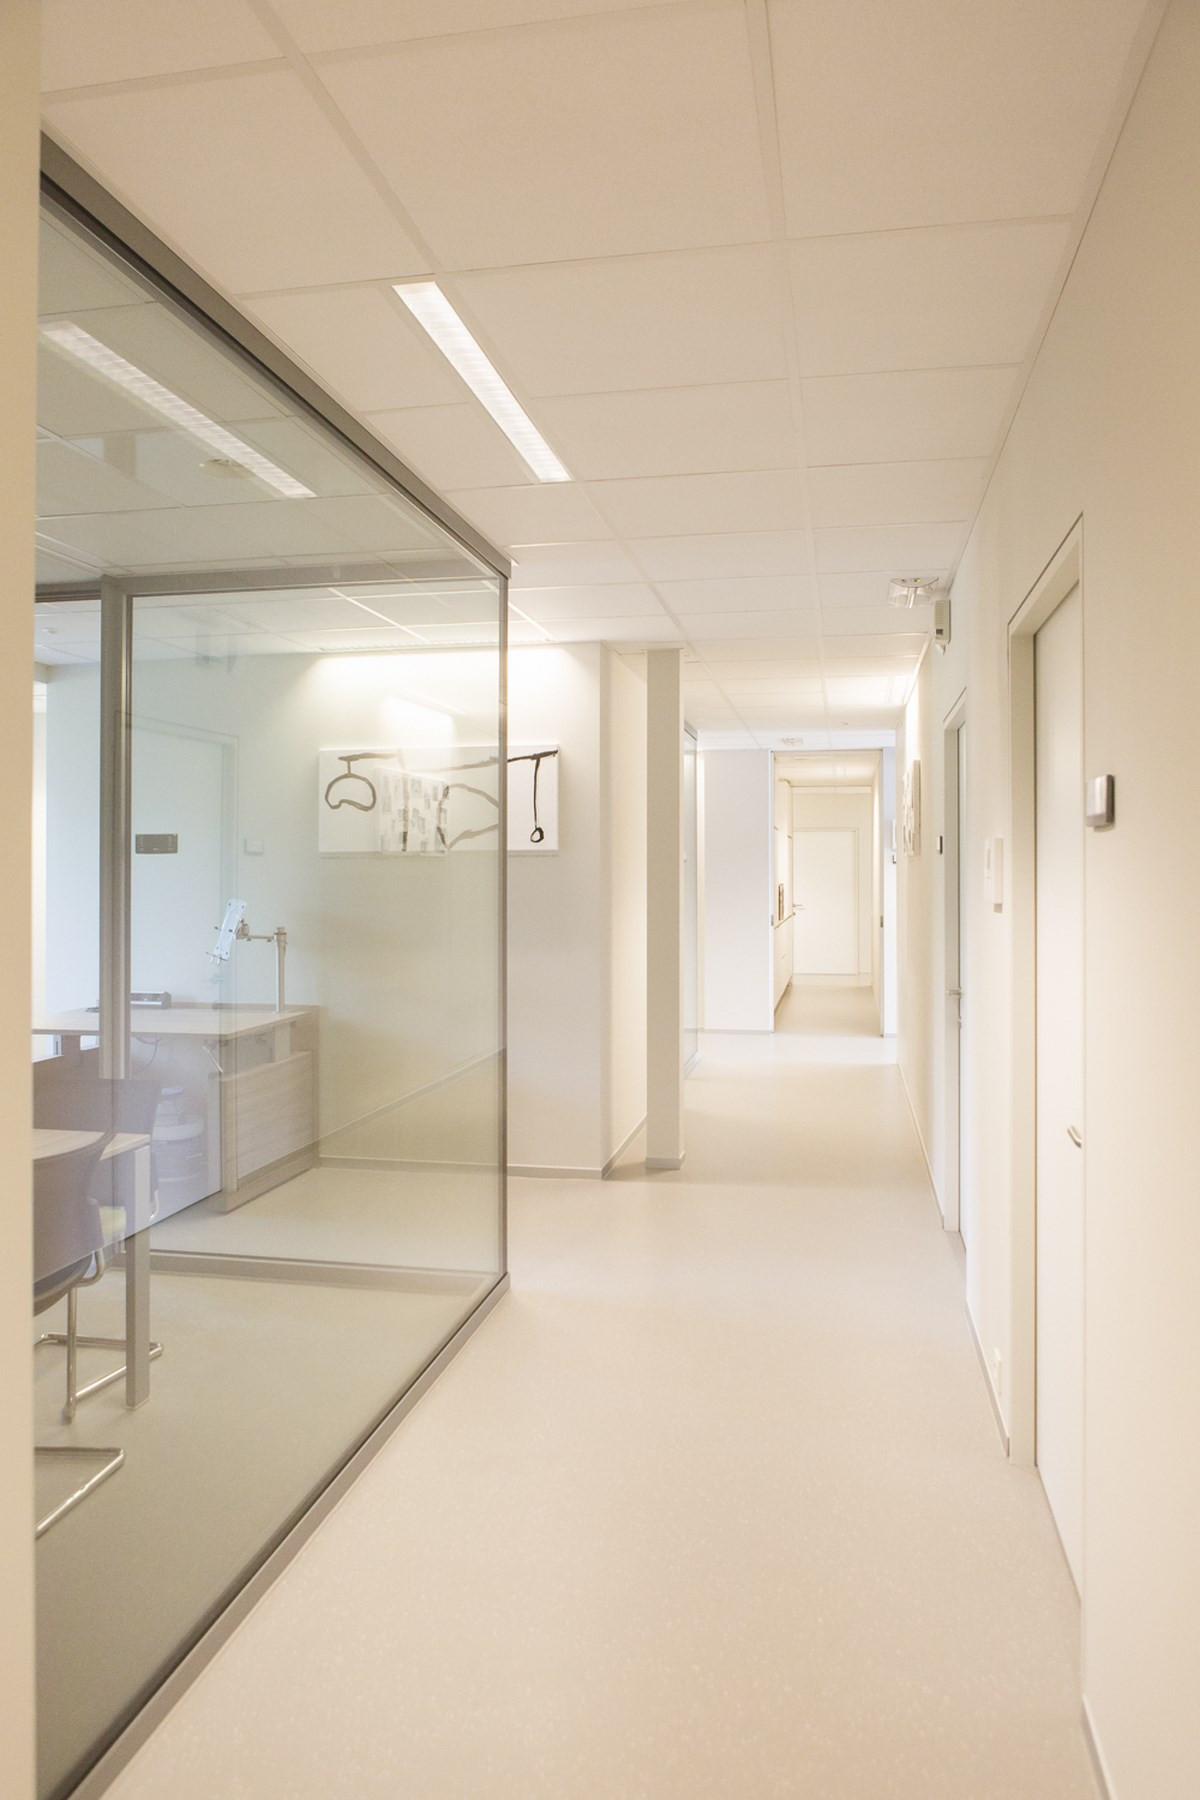 Vereninging_ons_tehuis_Ieper_openbare_aanbesteding_nieuwbouwproject (9).jpg